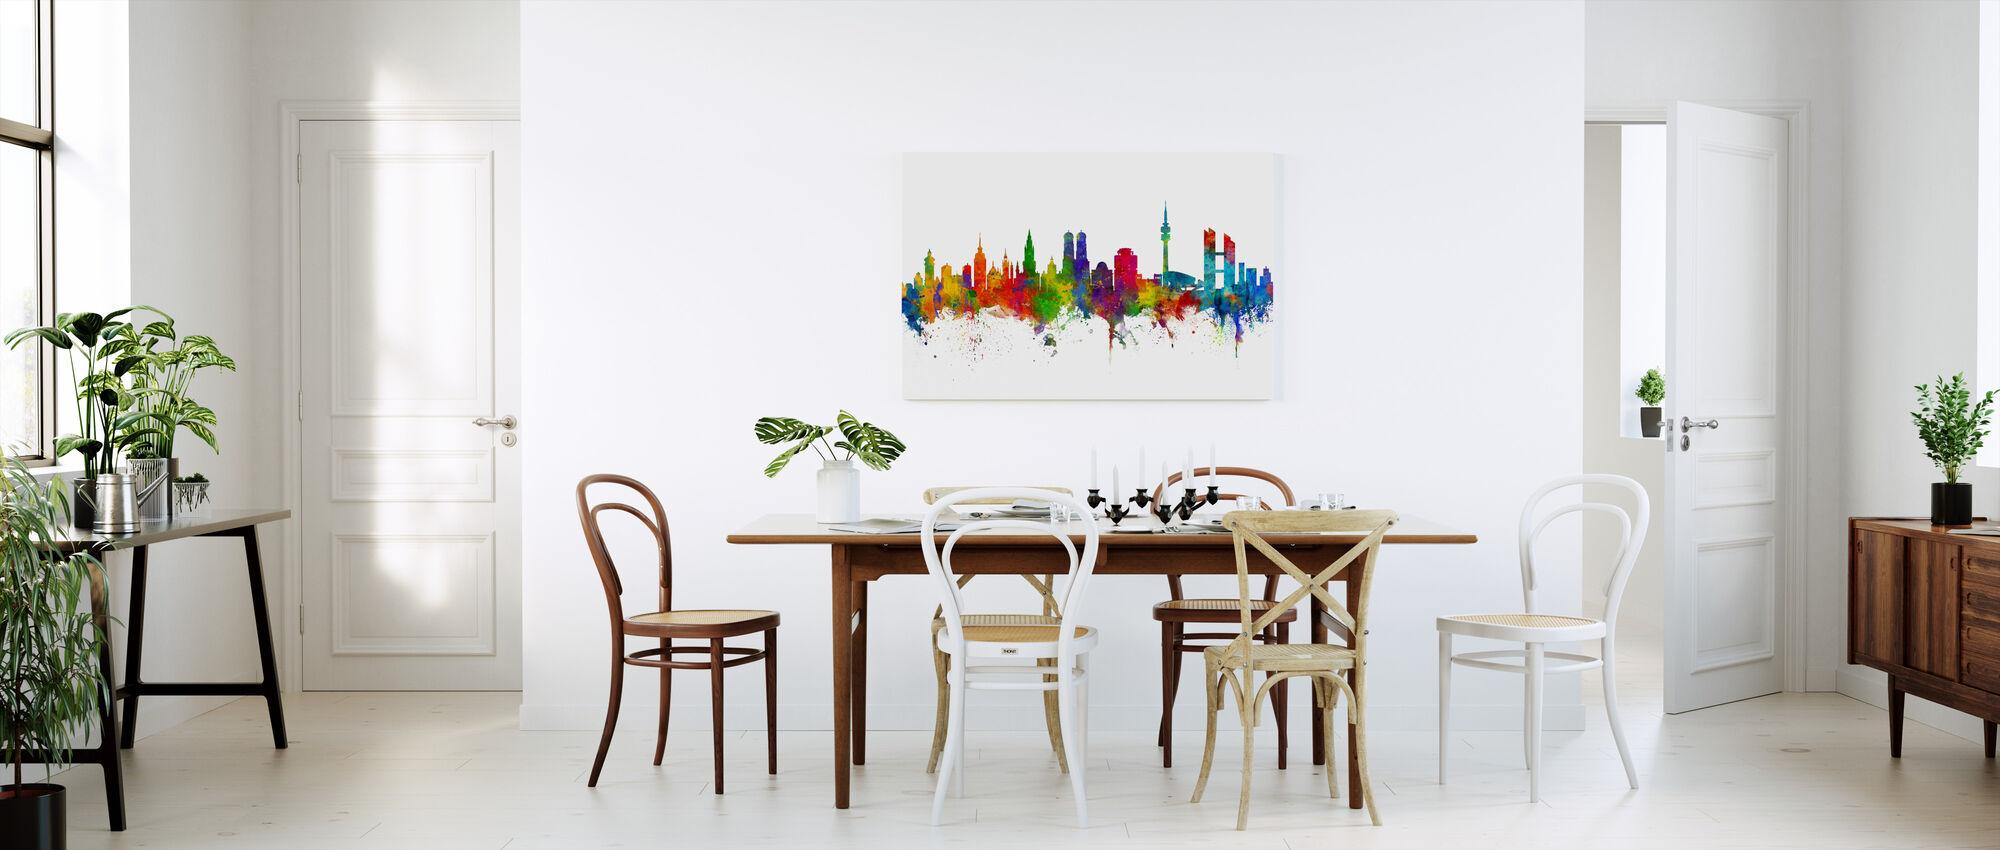 Munich Skyline - Canvas print - Kitchen